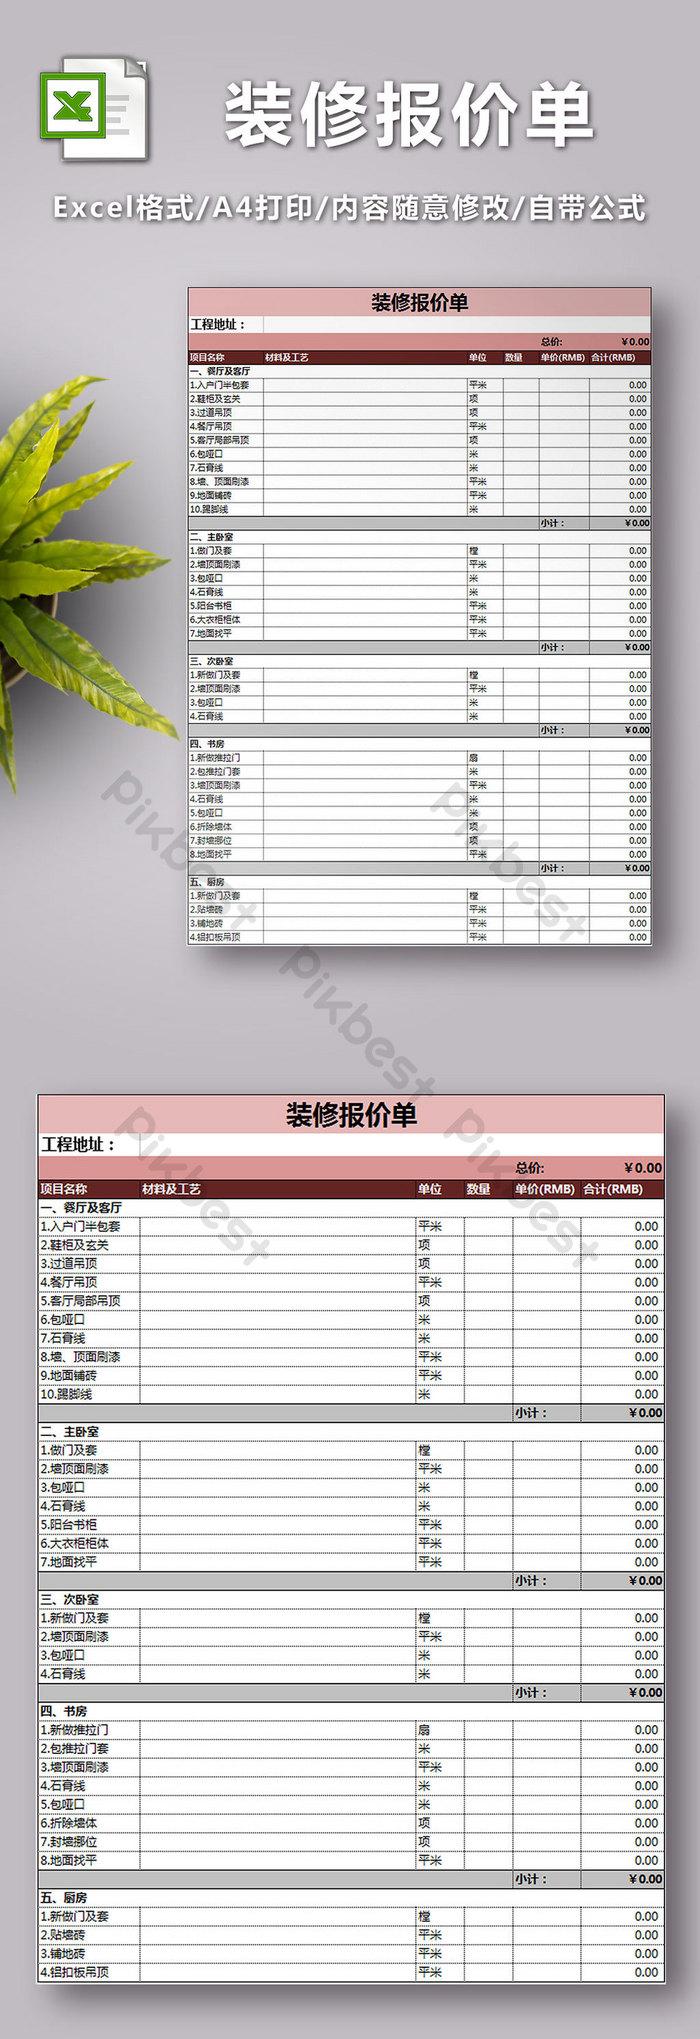 裝修報價單表格excel模板| Excel模板素材免費下載 - Pikbest